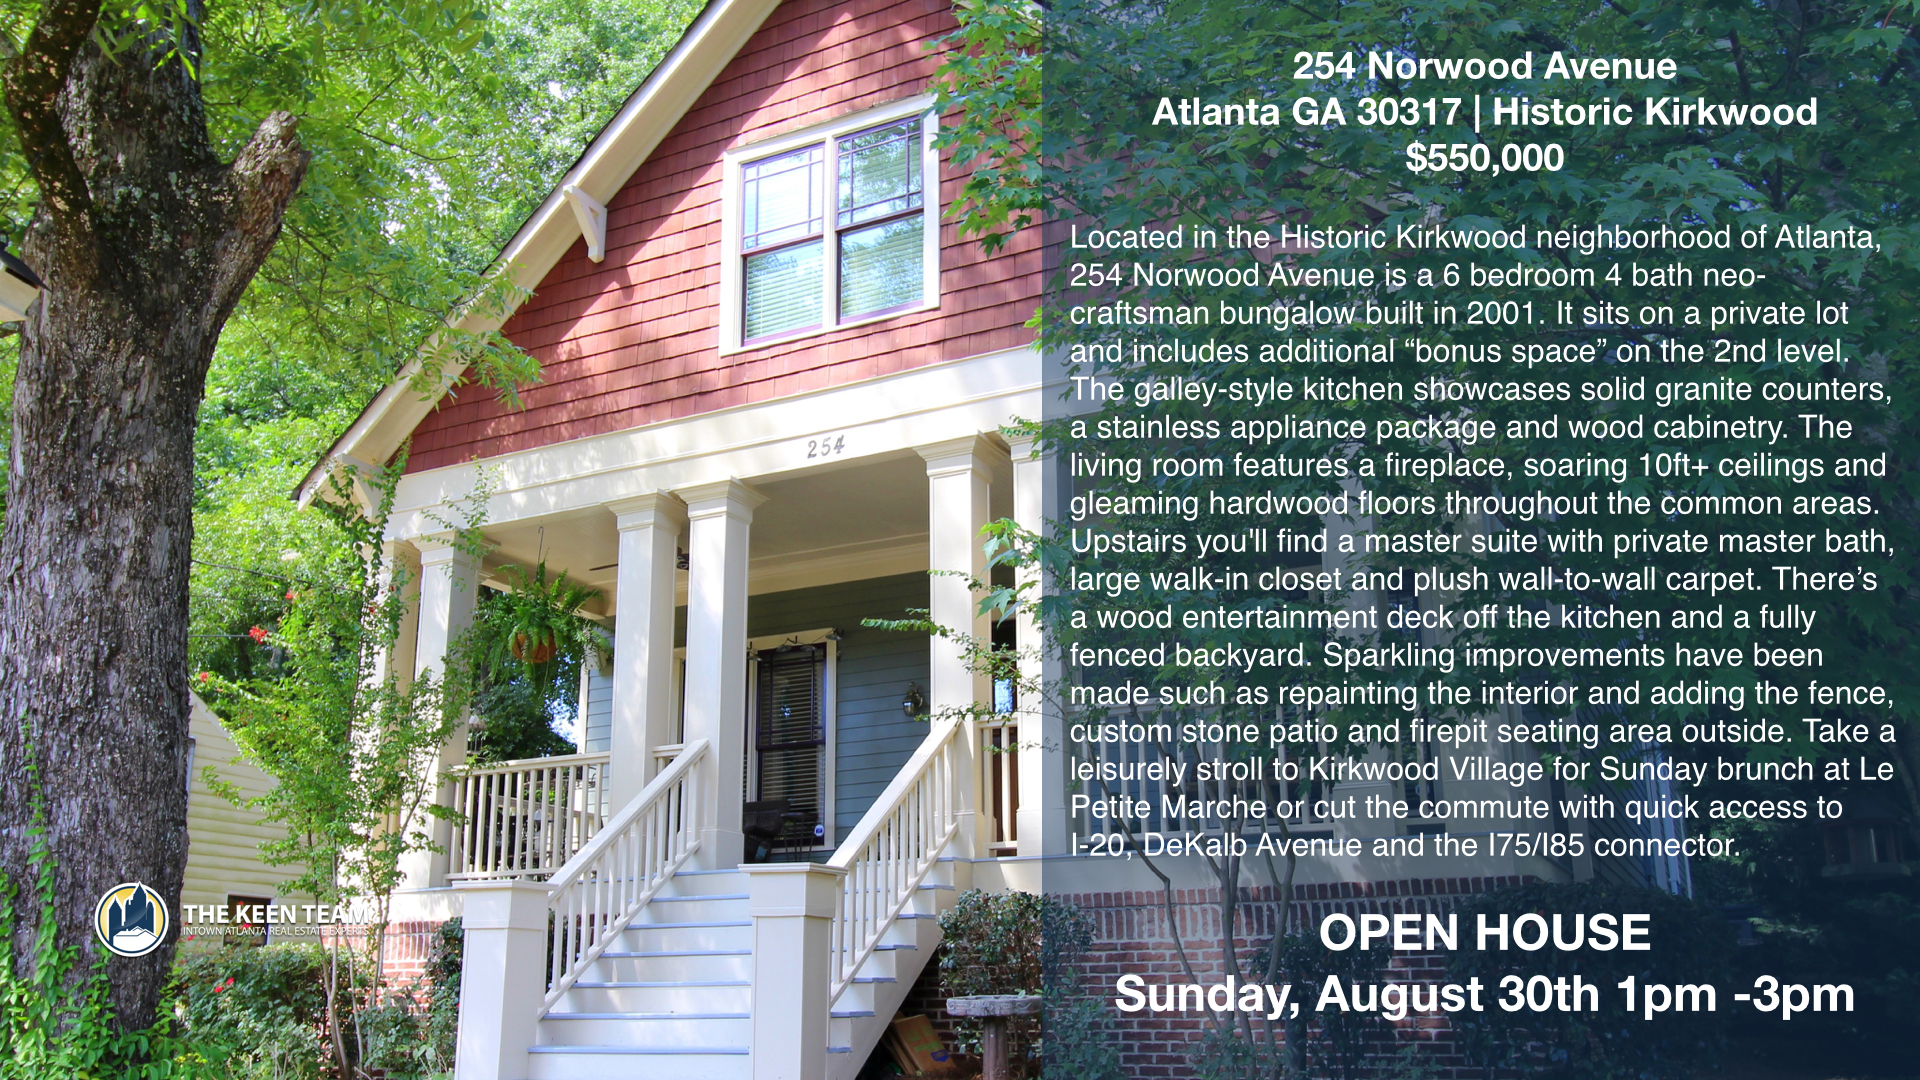 254 Norwood Avenue